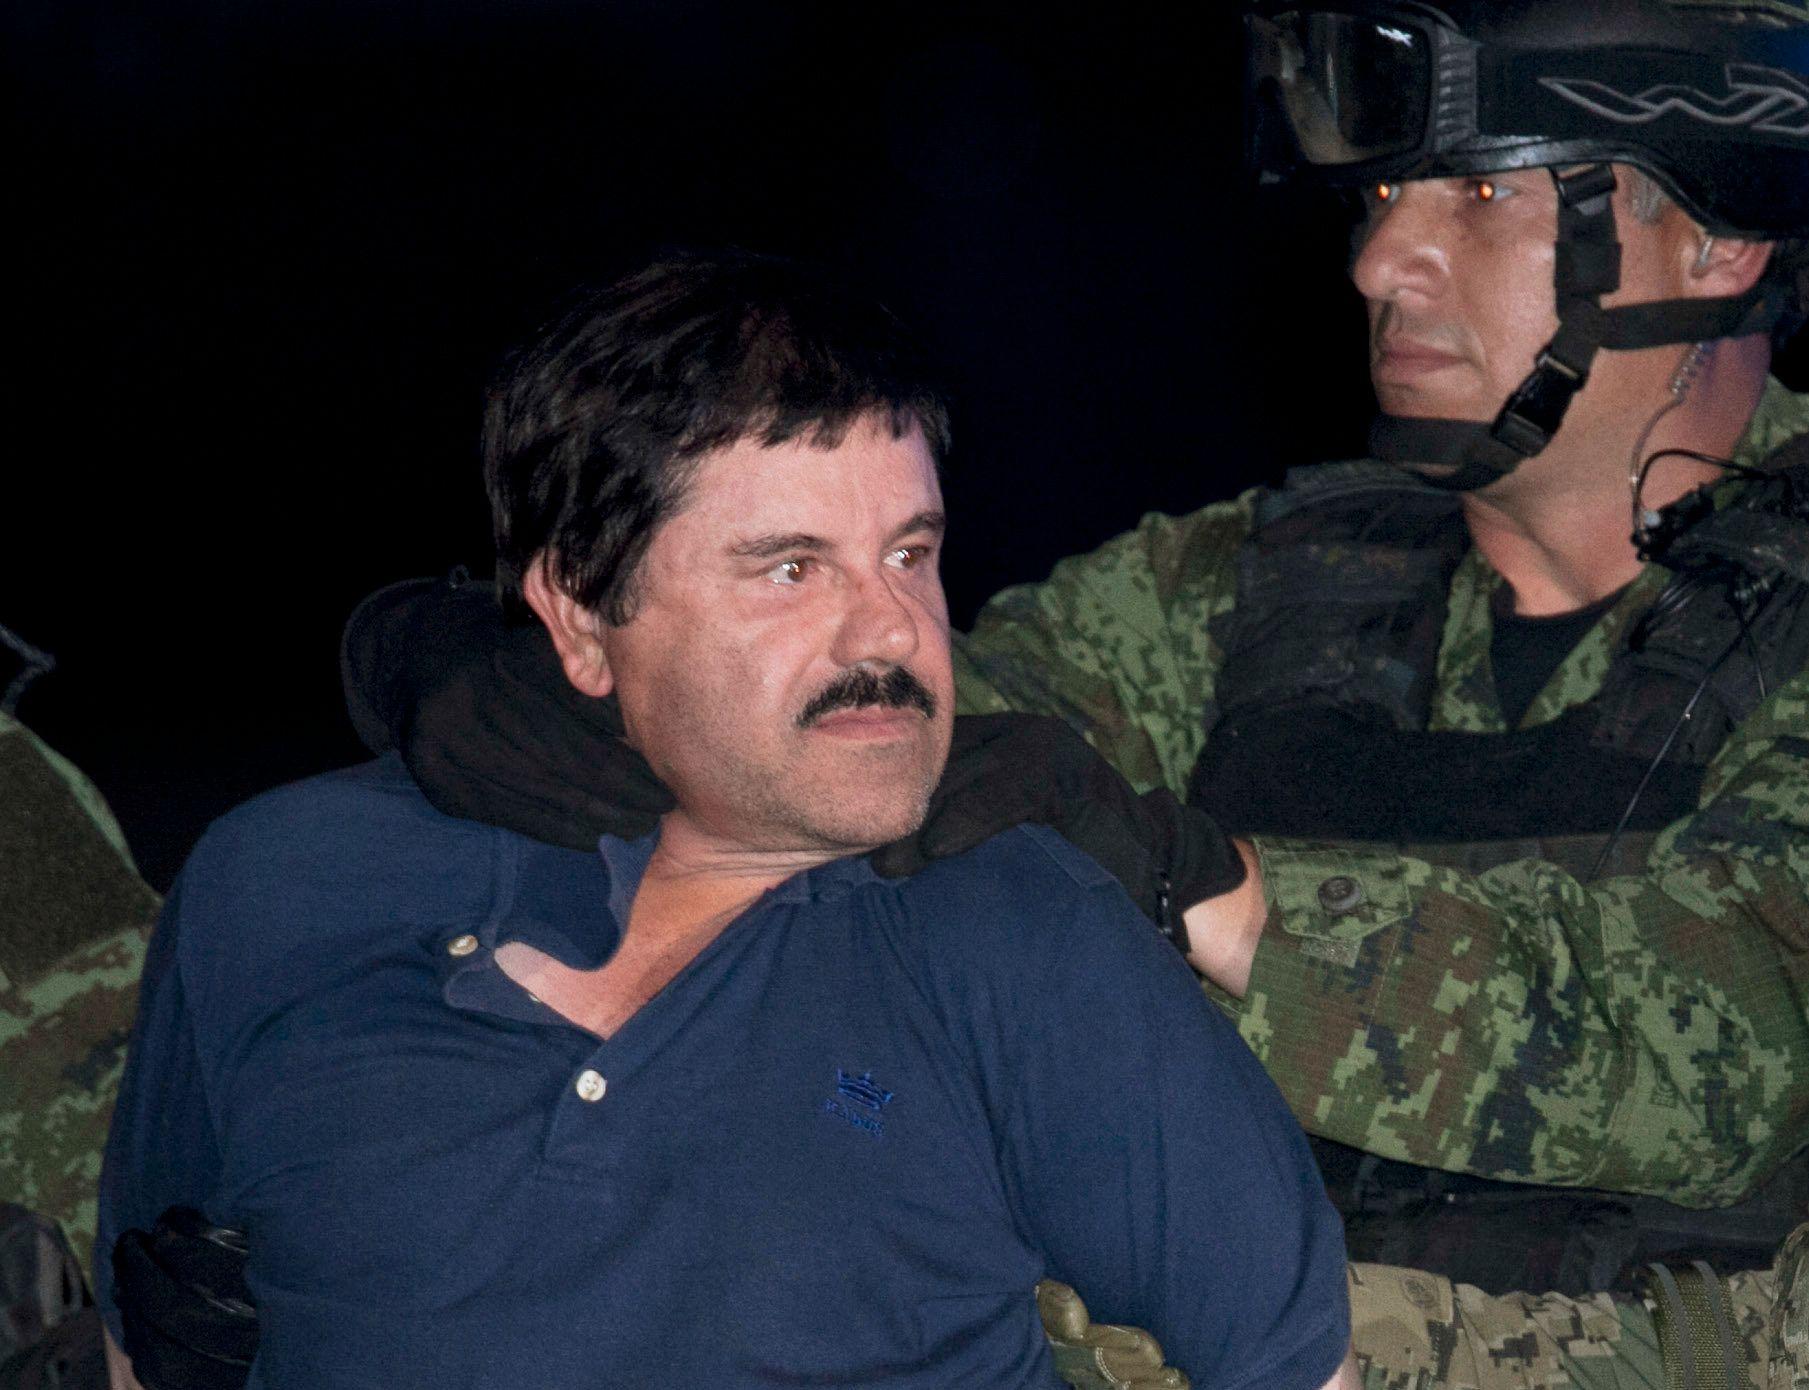 FENGSLET: Verdens mektigste narkobaron tviholder på makten til Sinaloa-kartellet fra fengselcella. Men nå skal Joaquin «El Chapo» Guzmans sønn og medarbeider være bortført. Foto AP